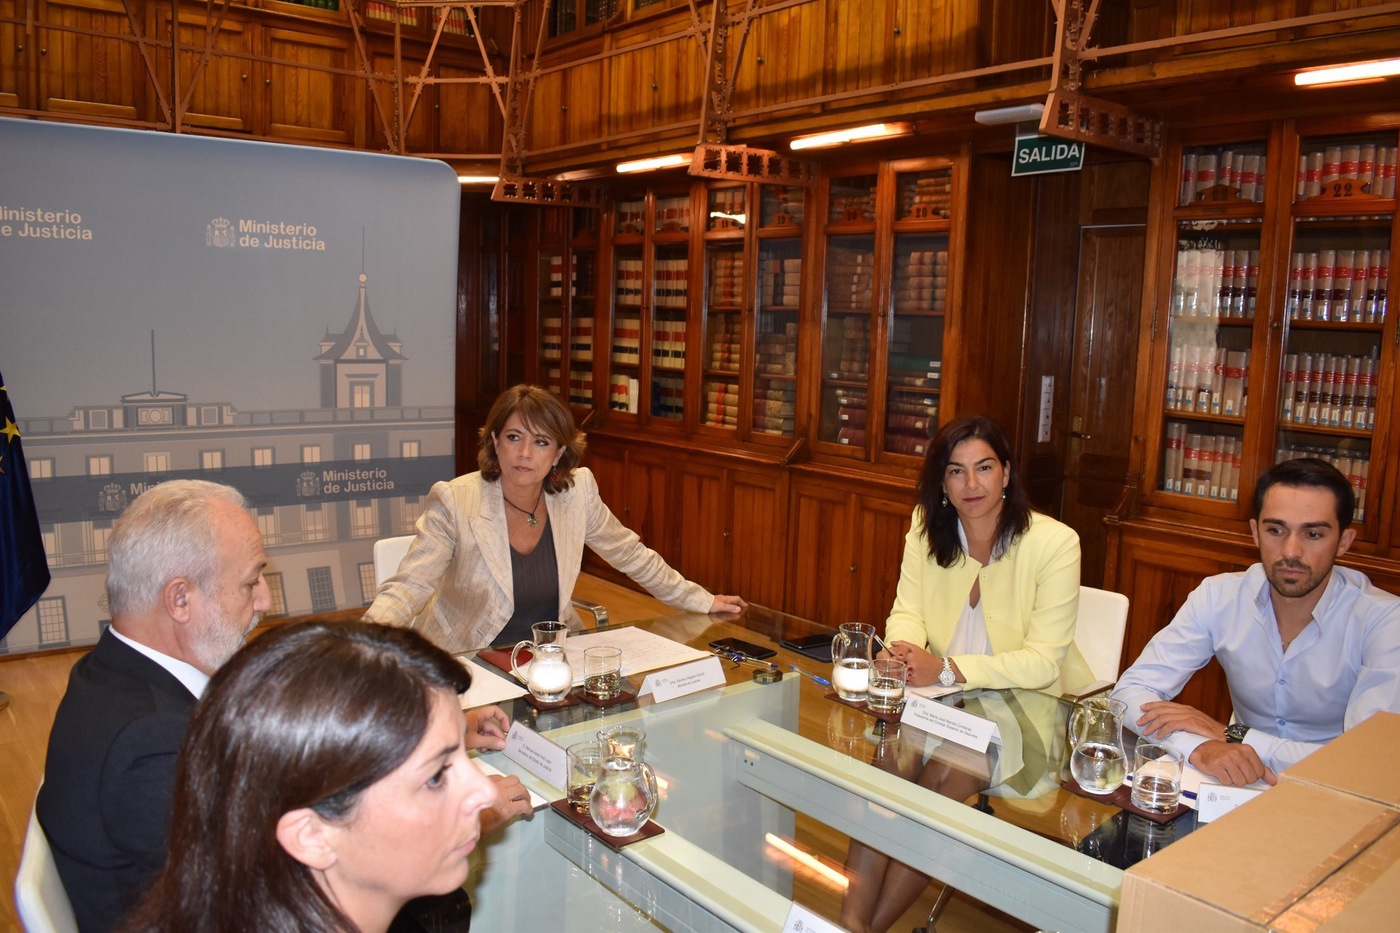 Principales conclusiones de la reunión entre #PorUnaLeyJusta y la Ministra de Justicia